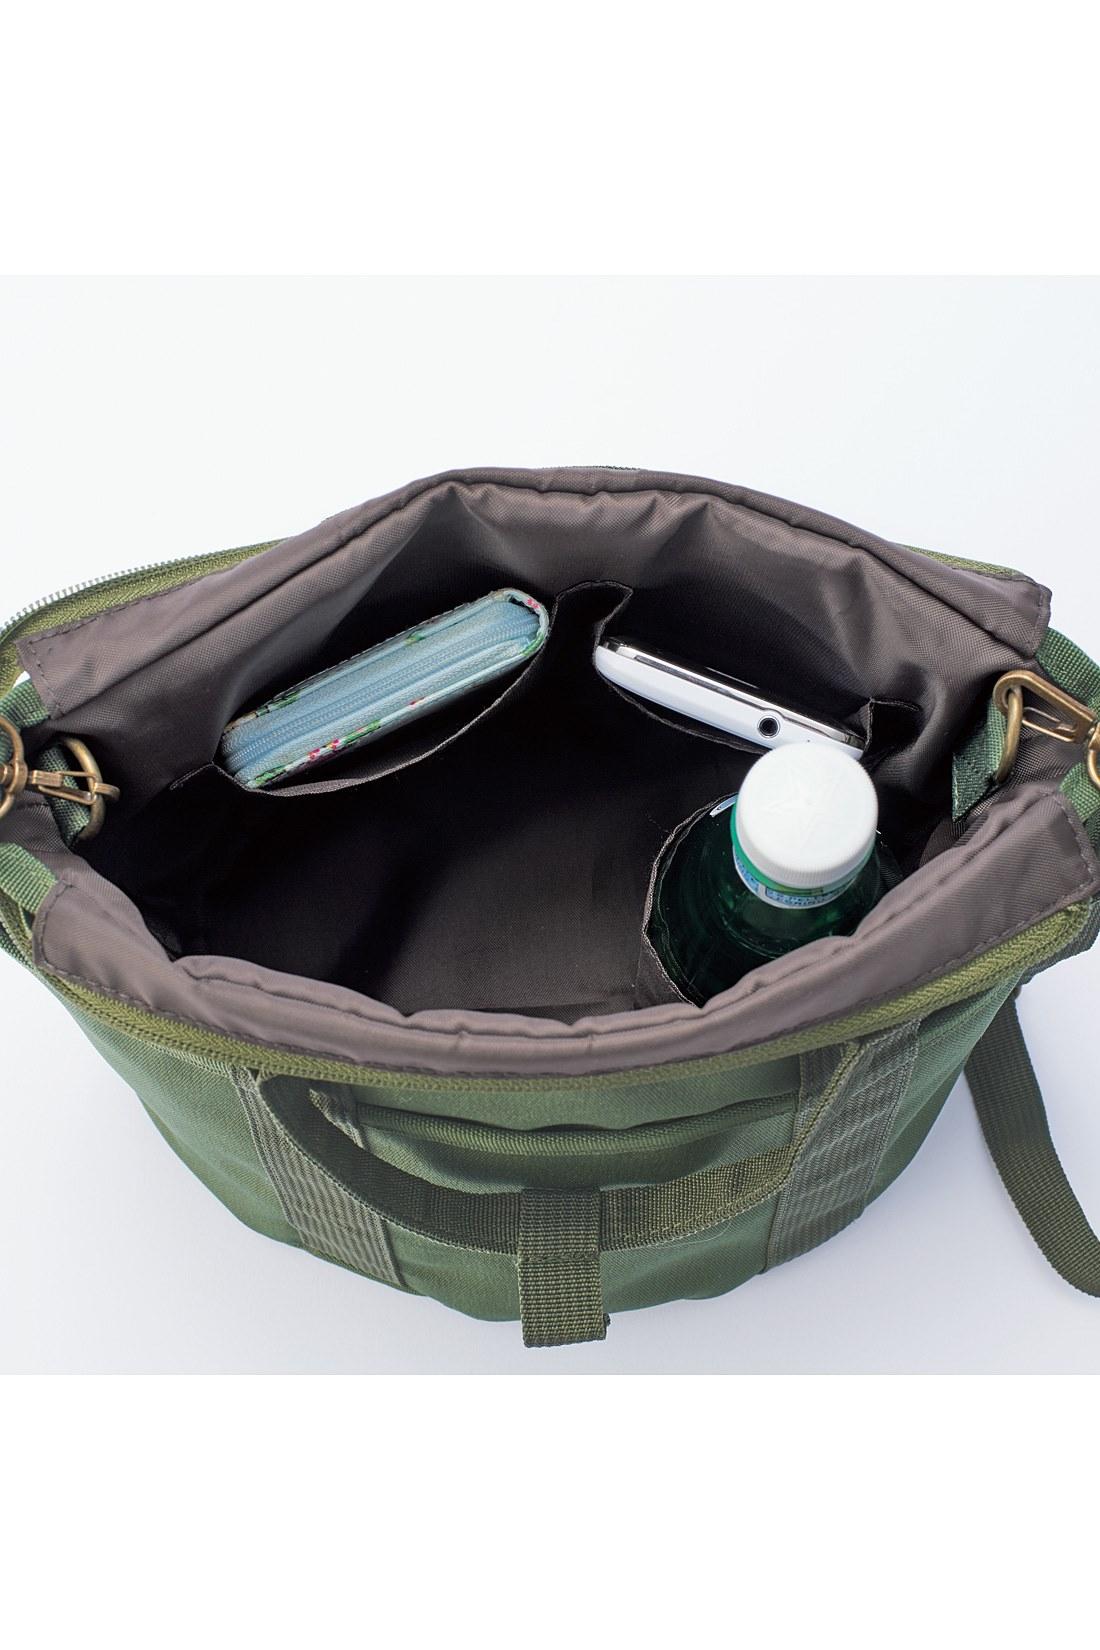 ペットボトルホルダーなど、中も収納たっぷり。 ※お届けするカラーとは異なります。